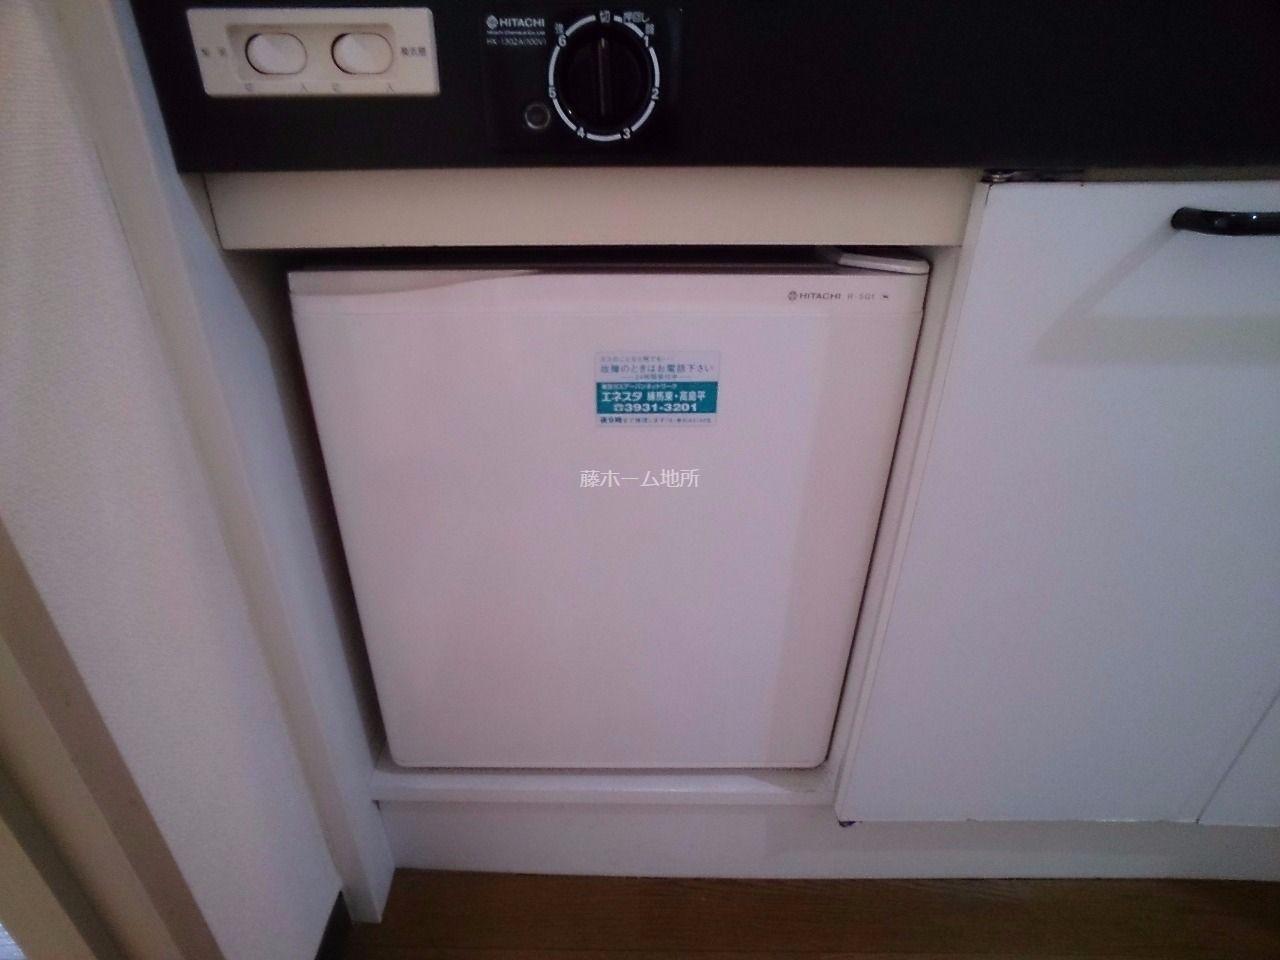 冷蔵庫をお持ちの方は電源を入れず、調味料などを保管する場所として使用しているみたいです